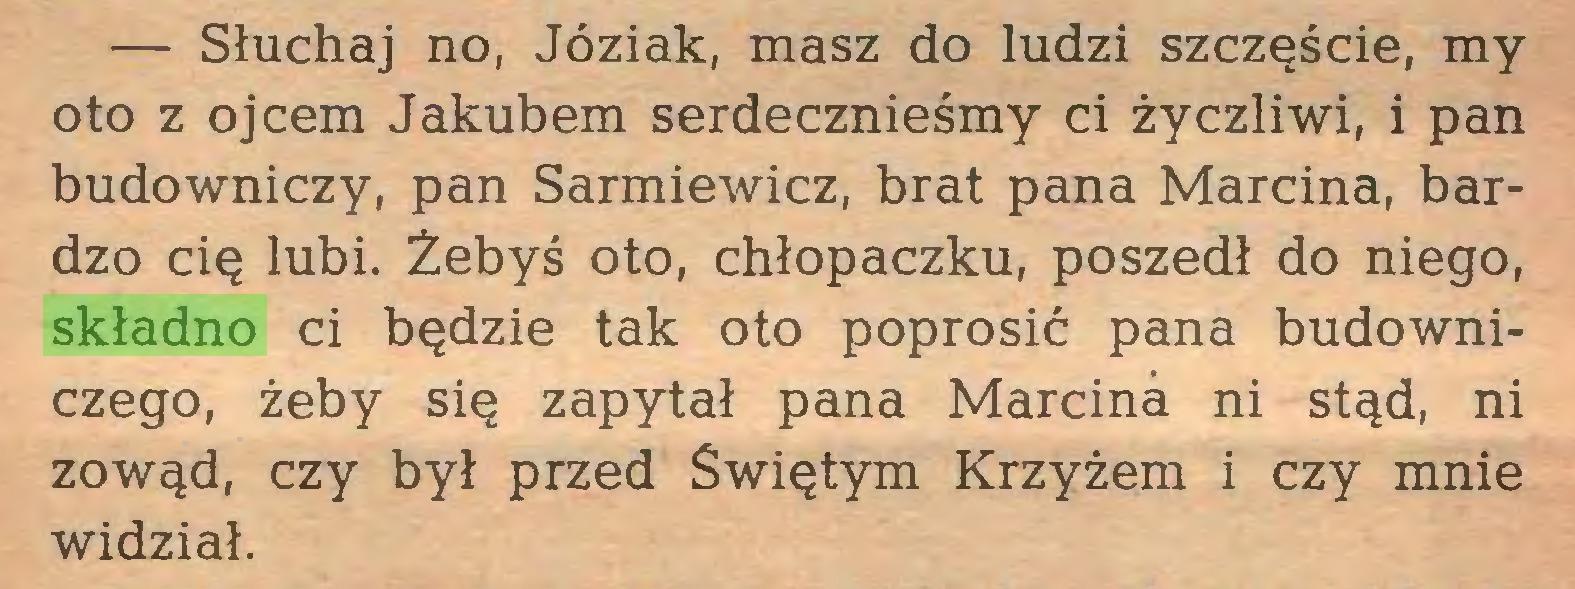 (...) — Słuchaj no, Józiak, masz do ludzi szczęście, my oto z ojcem Jakubem serdecznieśmy ci życzliwi, i pan budowniczy, pan Sarmiewicz, brat pana Marcina, bardzo cię lubi. Żebyś oto, chłopaczku, poszedł do niego, składno ci będzie tak oto poprosić pana budowniczego, żeby się zapytał pana Marcina ni stąd, ni zowąd, czy był przed Świętym Krzyżem i czy mnie widział...